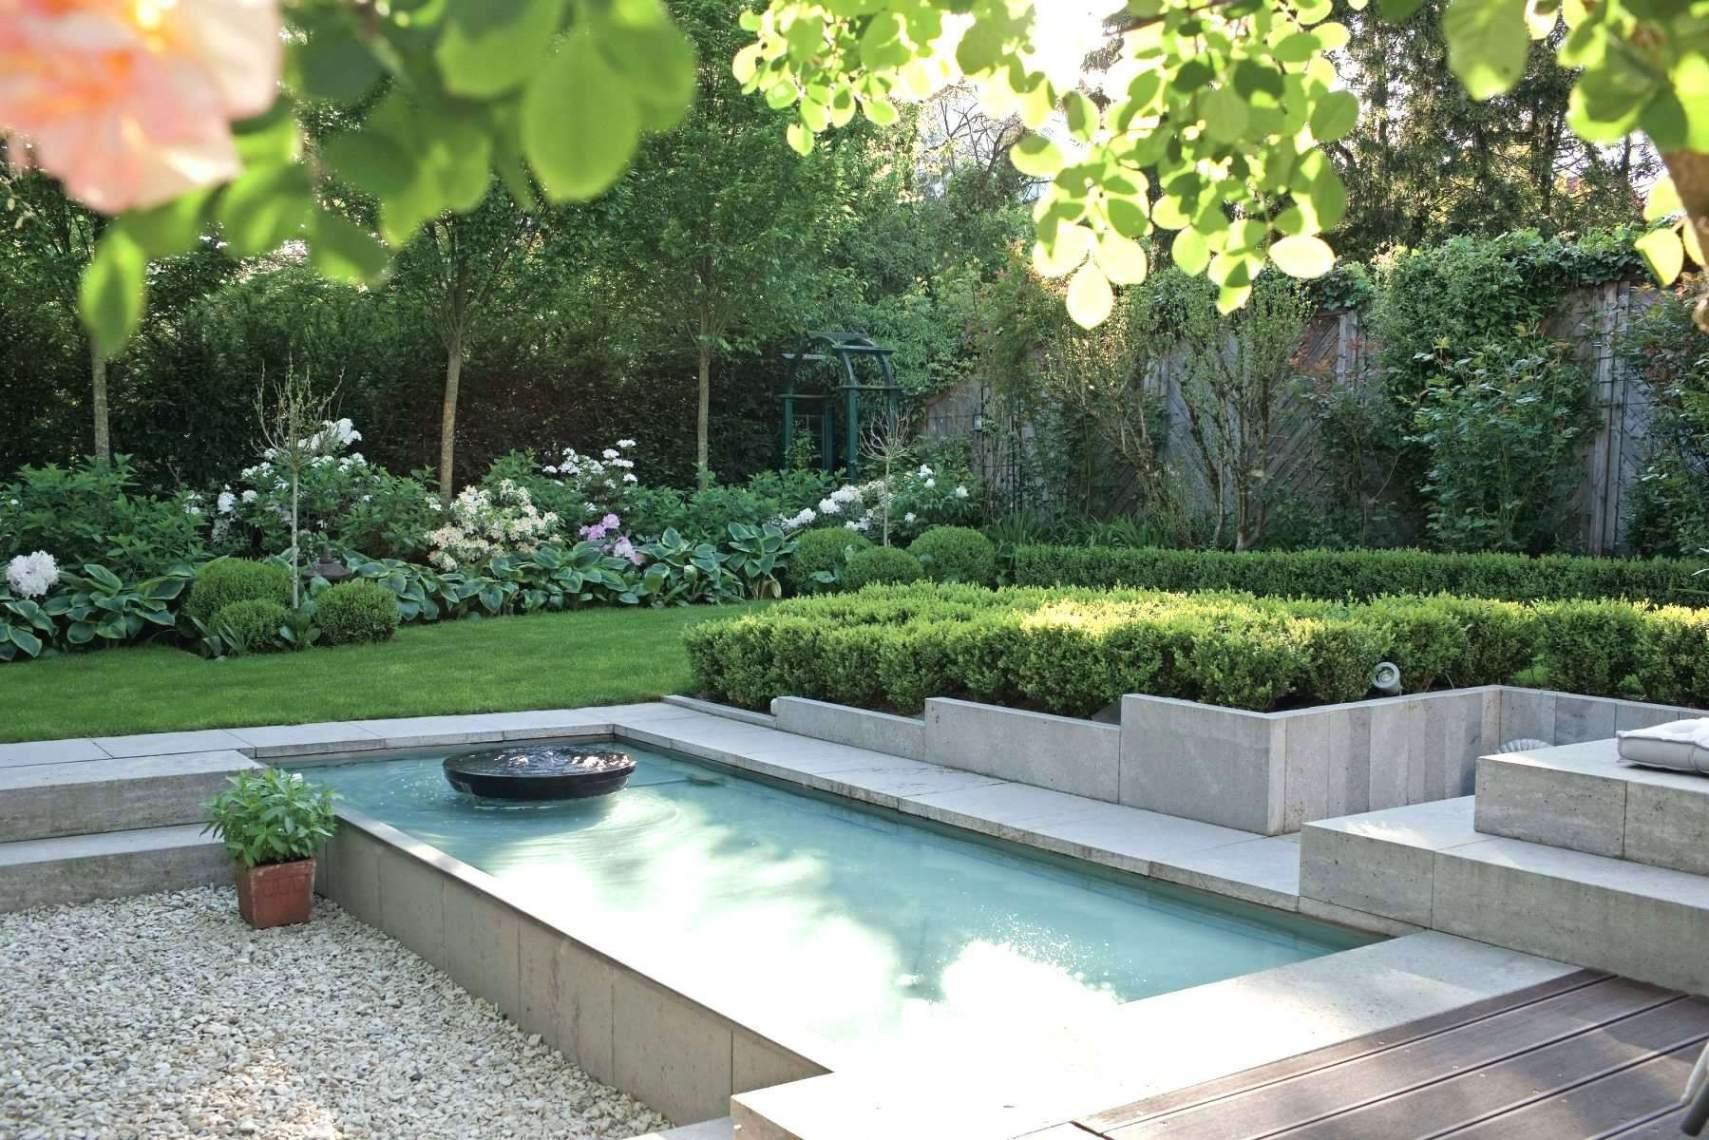 garten modern gestalten inspirierend kleiner reihenhausgarten gestalten temobardz home blog of garten modern gestalten